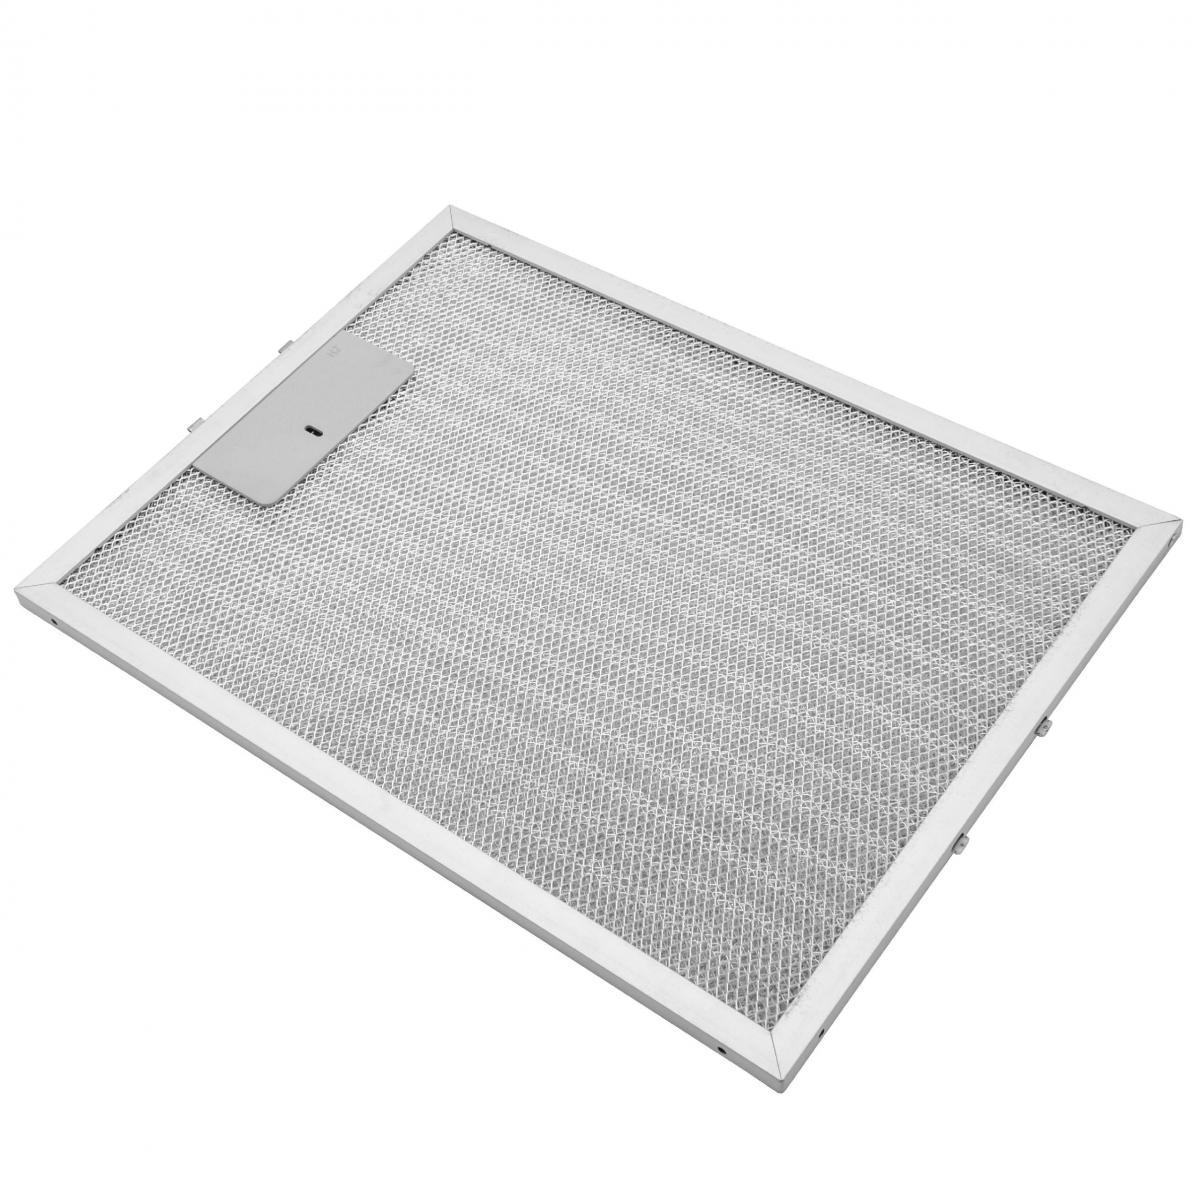 Vhbw vhbw Filtrepermanent filtre à graisse métallique 32,8 x 24,7 x 0,9 cm convient pour Alno AE 601 E 94264099400 hottes de